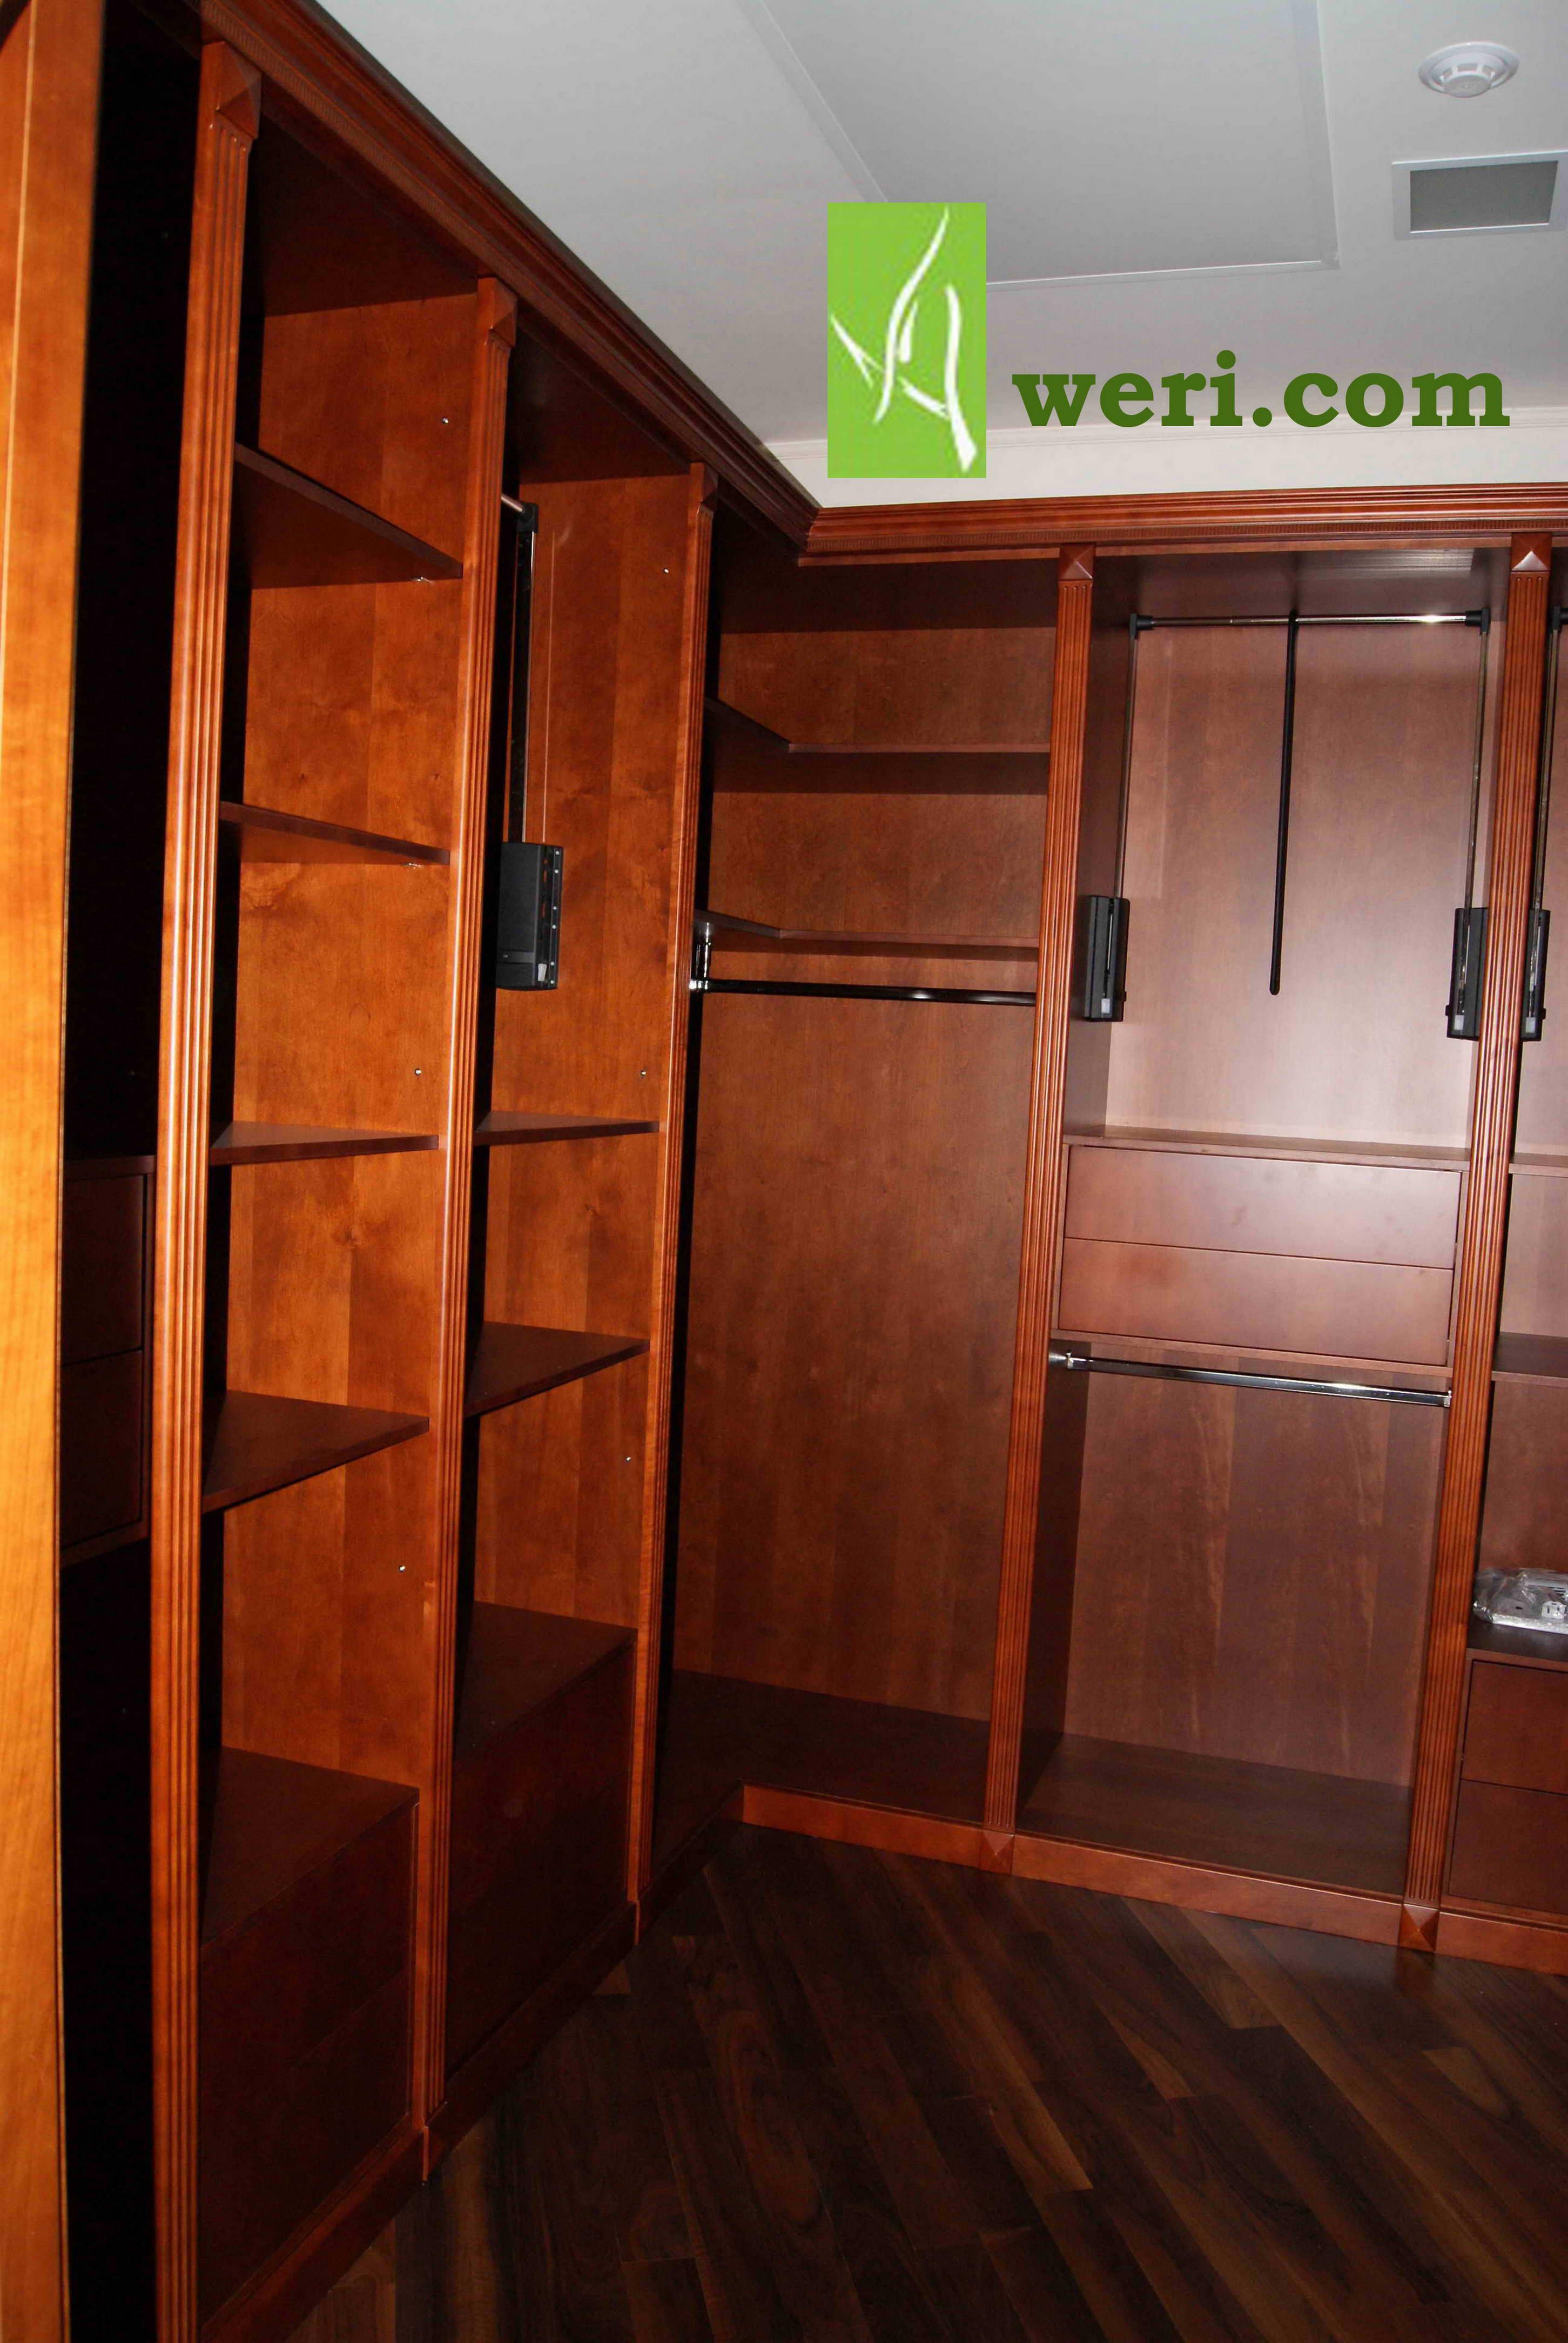 Гардеробные комнаты шпонированные от Aweri Гардеробные Классика - Доступная Роскошь